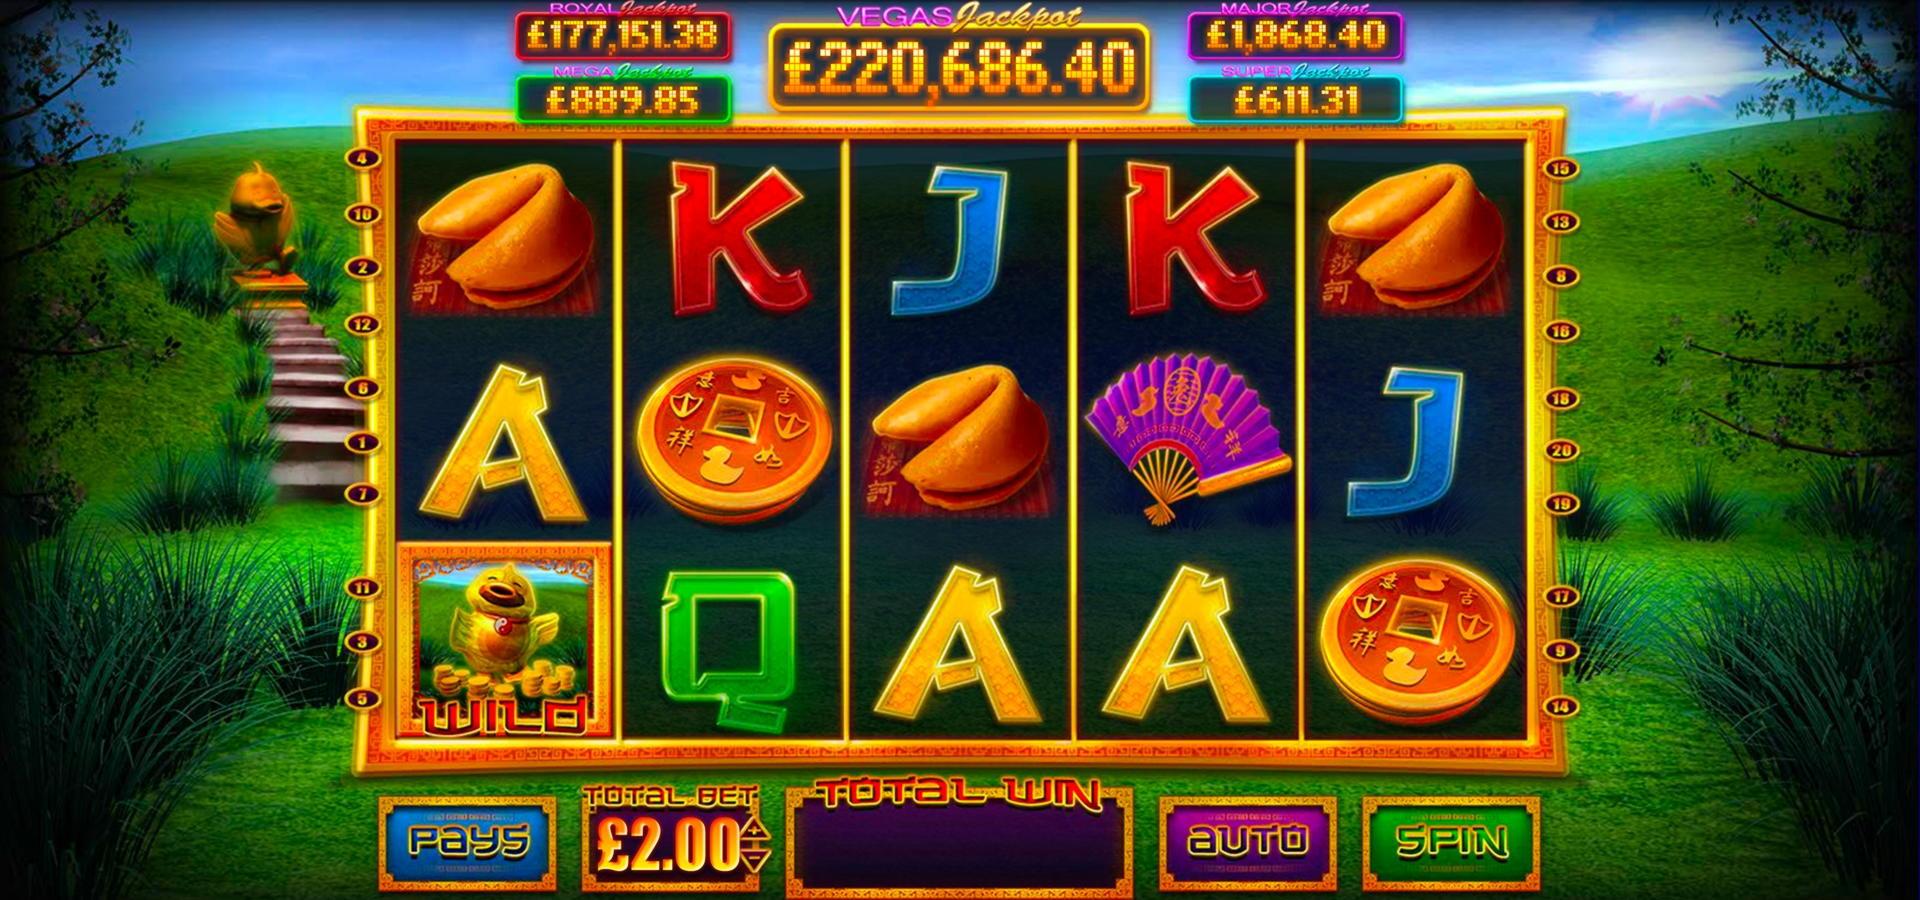 560% Լավագույն գրանցման բոնուսային կազինոն 888 Casino- ում